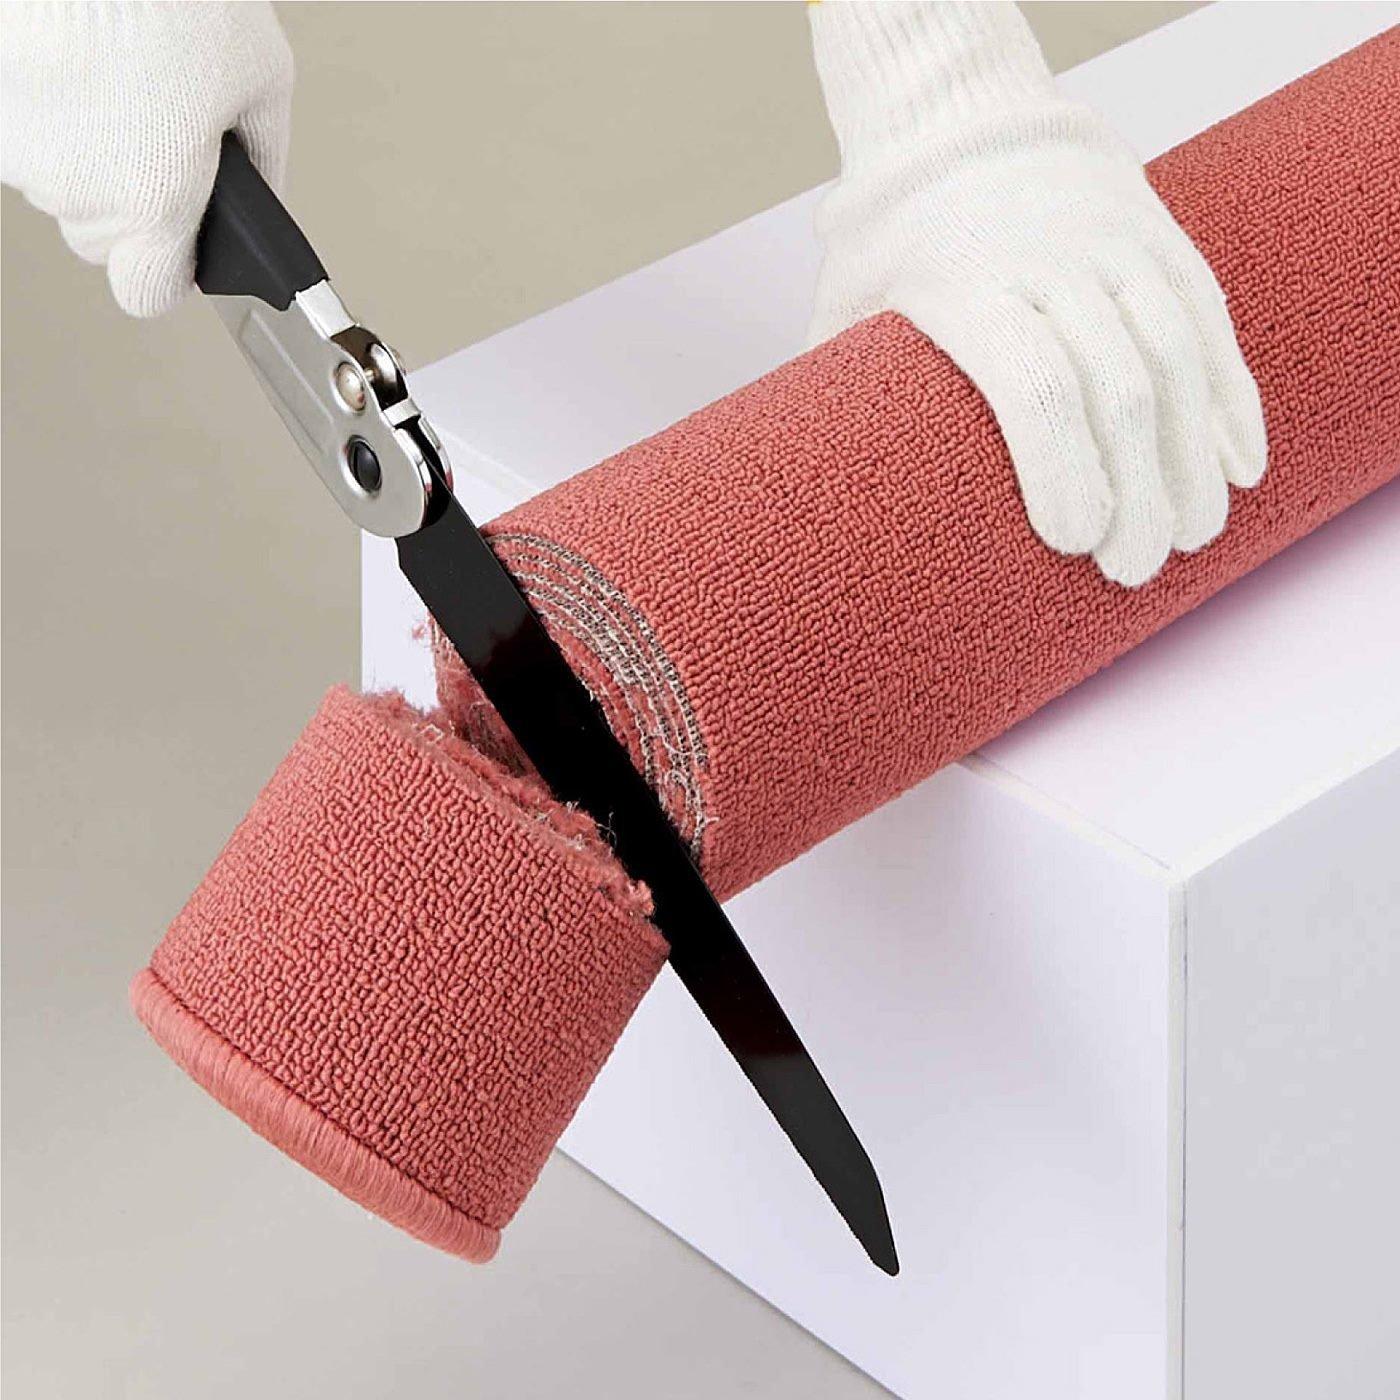 粗大ごみを家庭ごみサイズに いろいろな素材をカットできるのこぎり